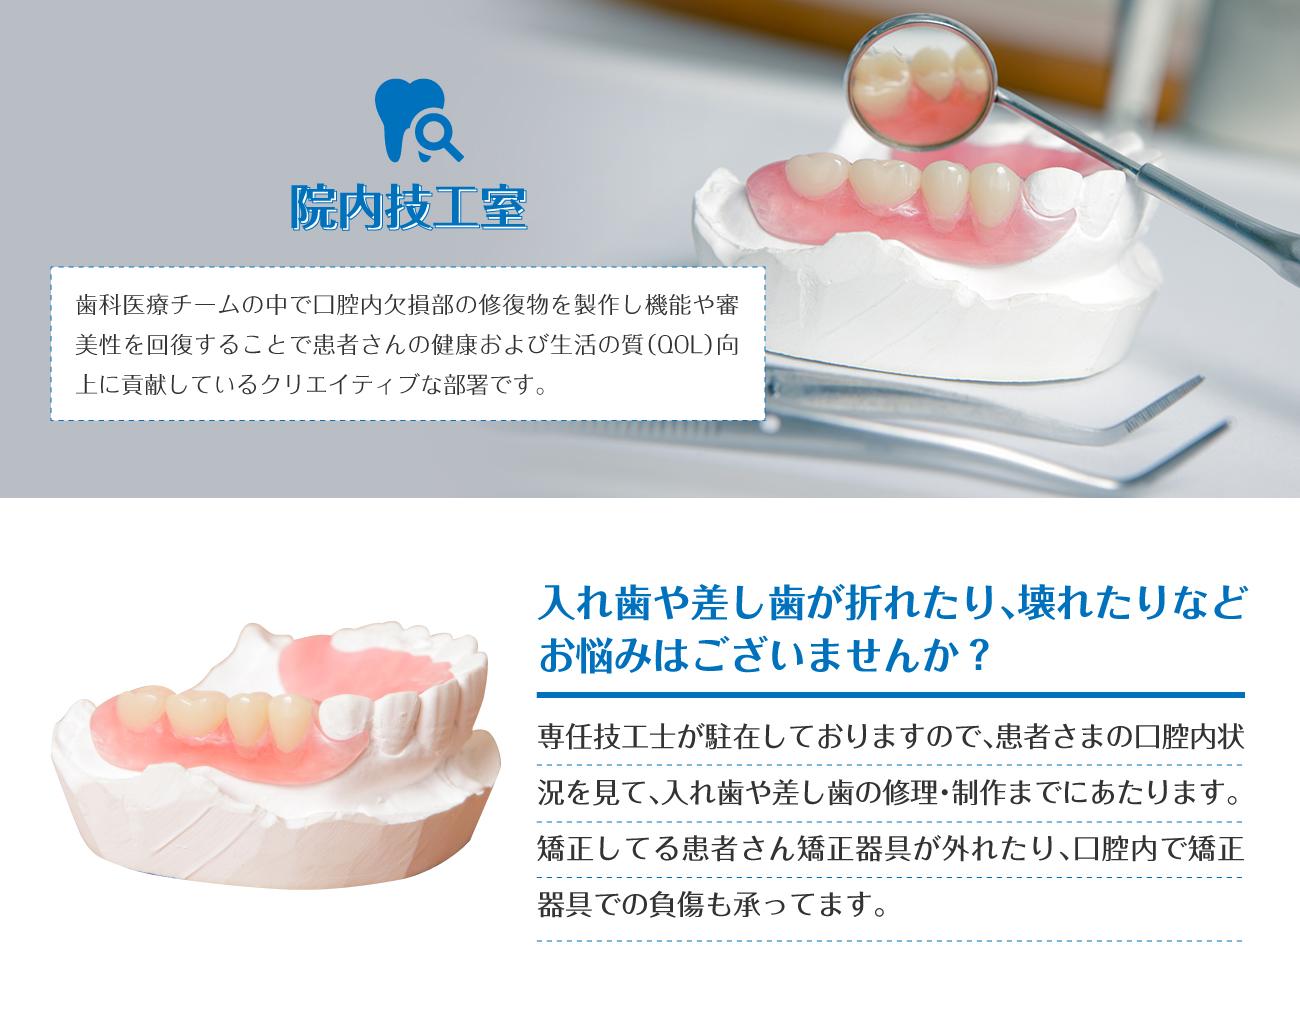 佐世保市で入れ歯や差し歯の修理・制作お任せください